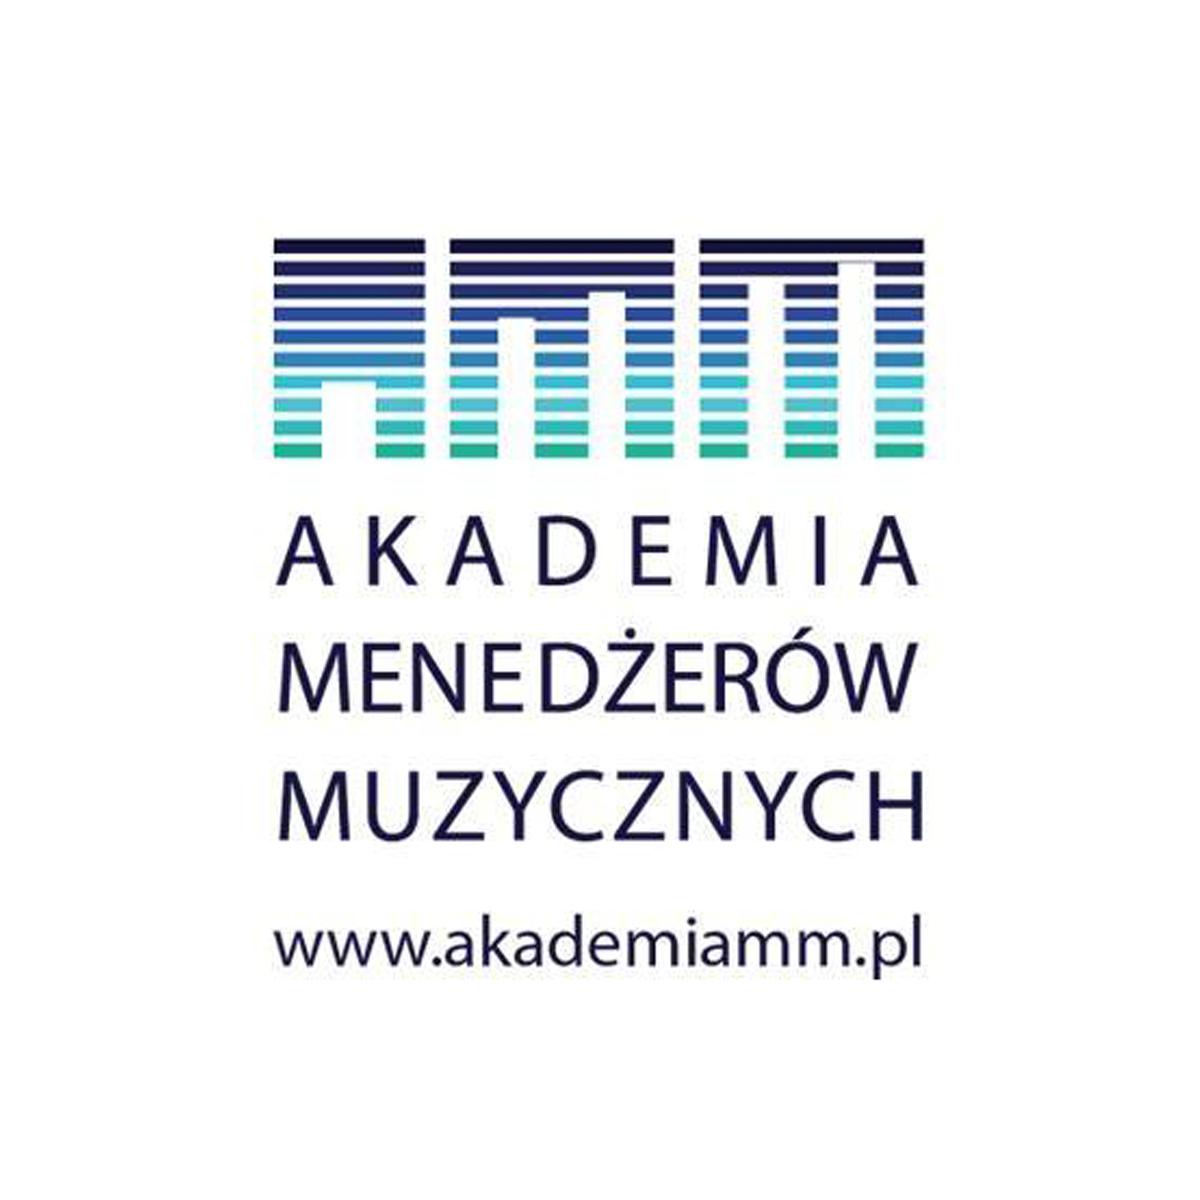 Akademia Menedżerów Muzycznych warsztaty